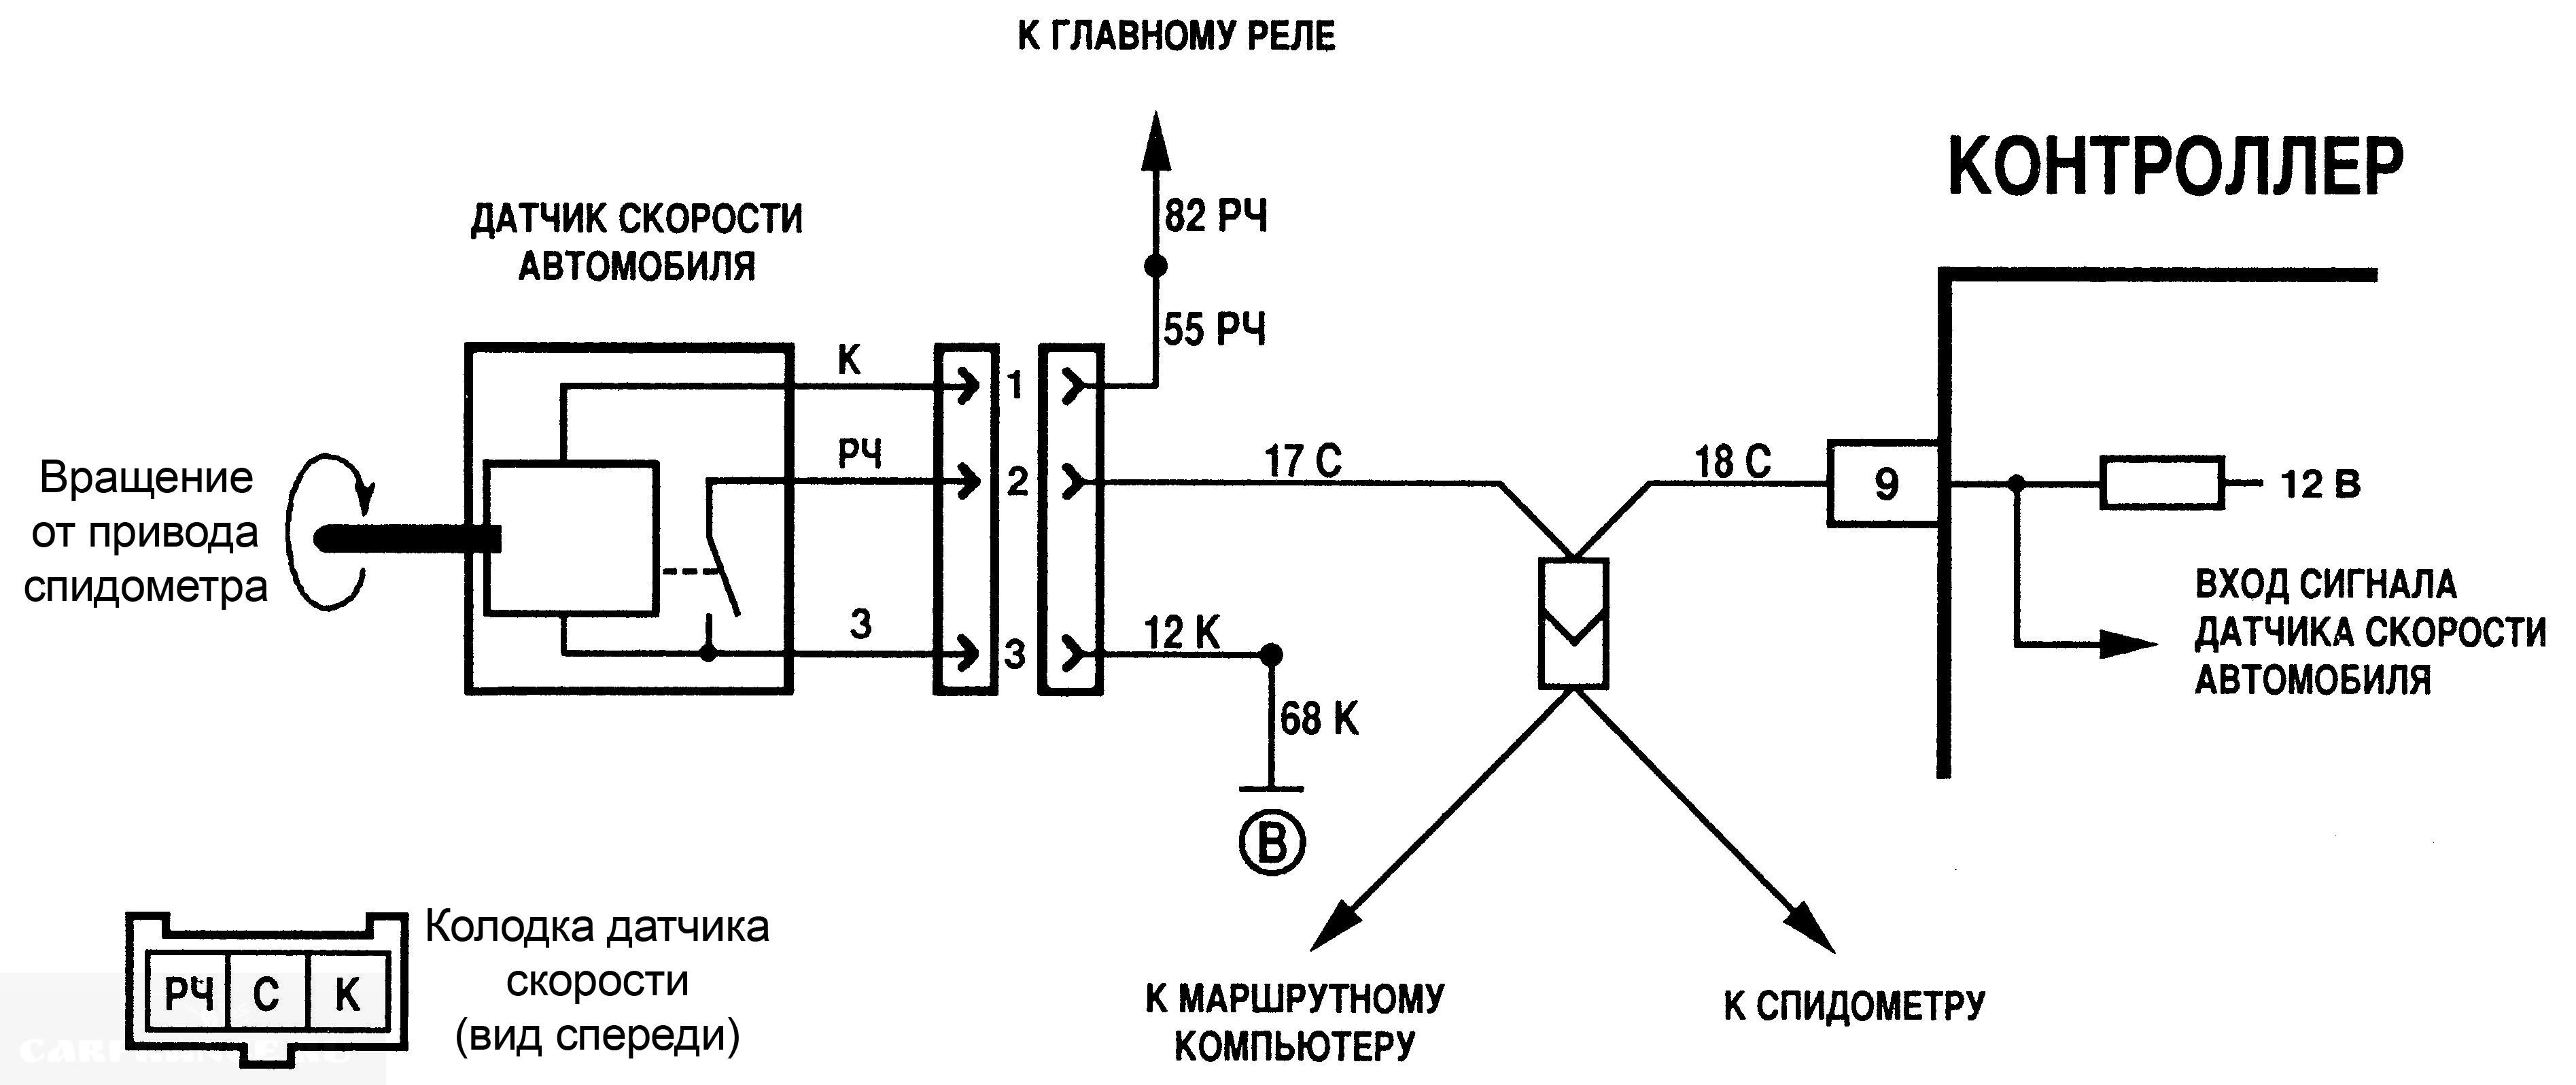 Схема подключения датчика скорости шевроле нива